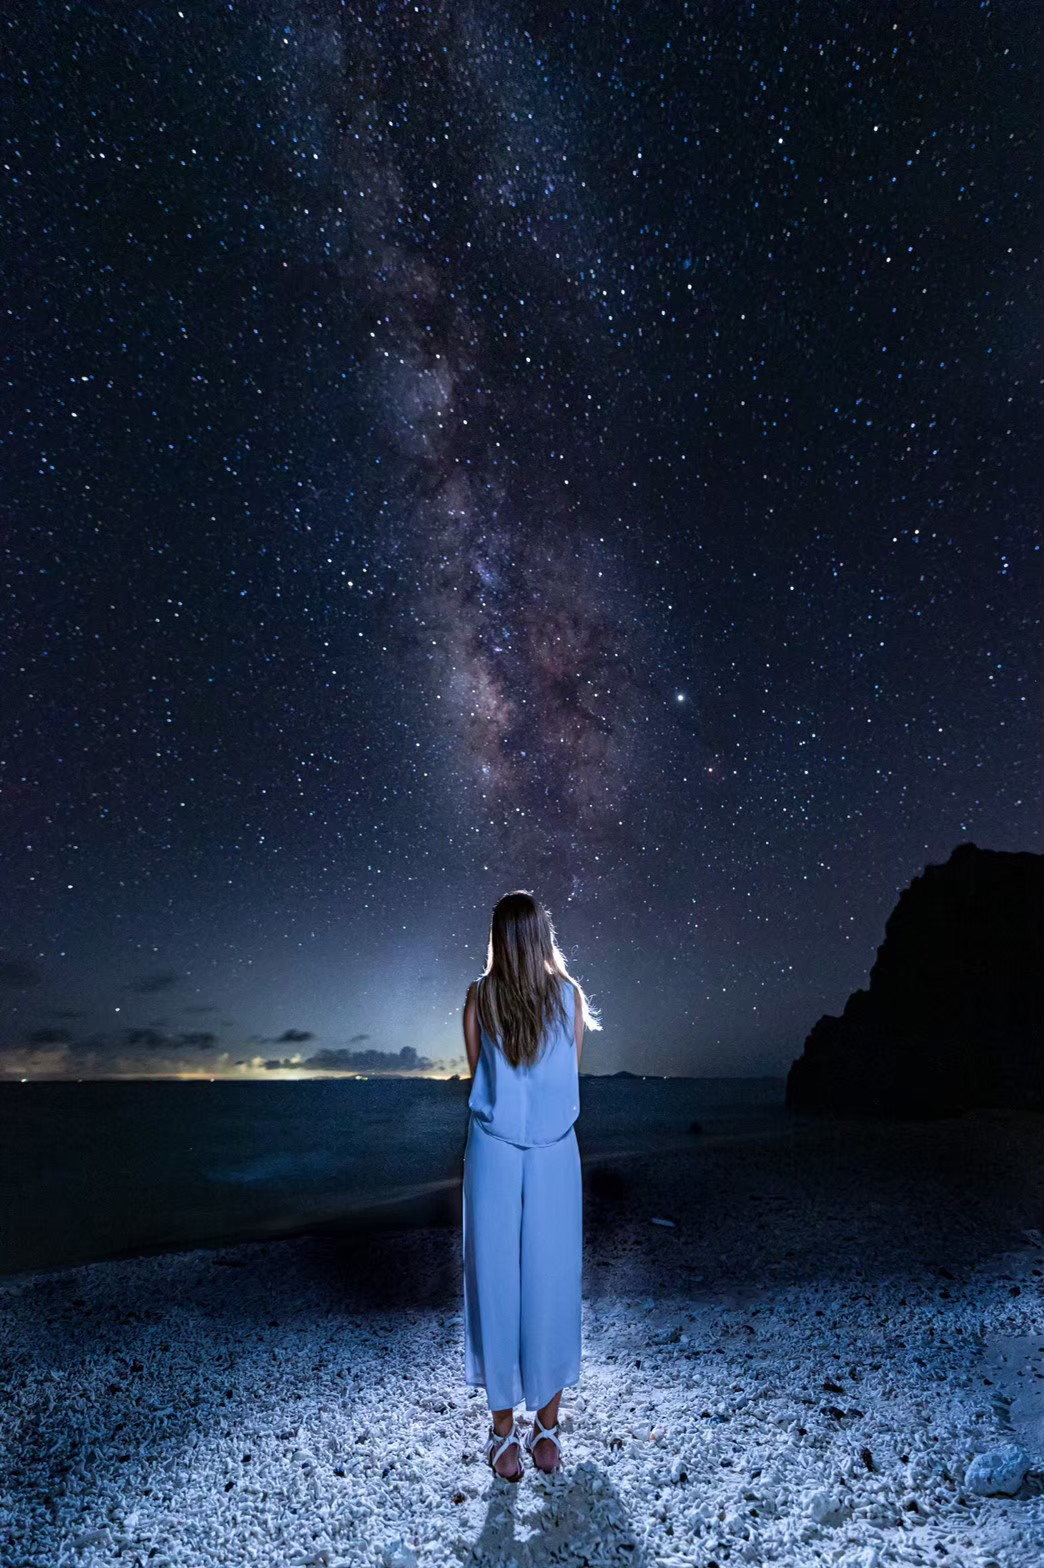 満天の星空と